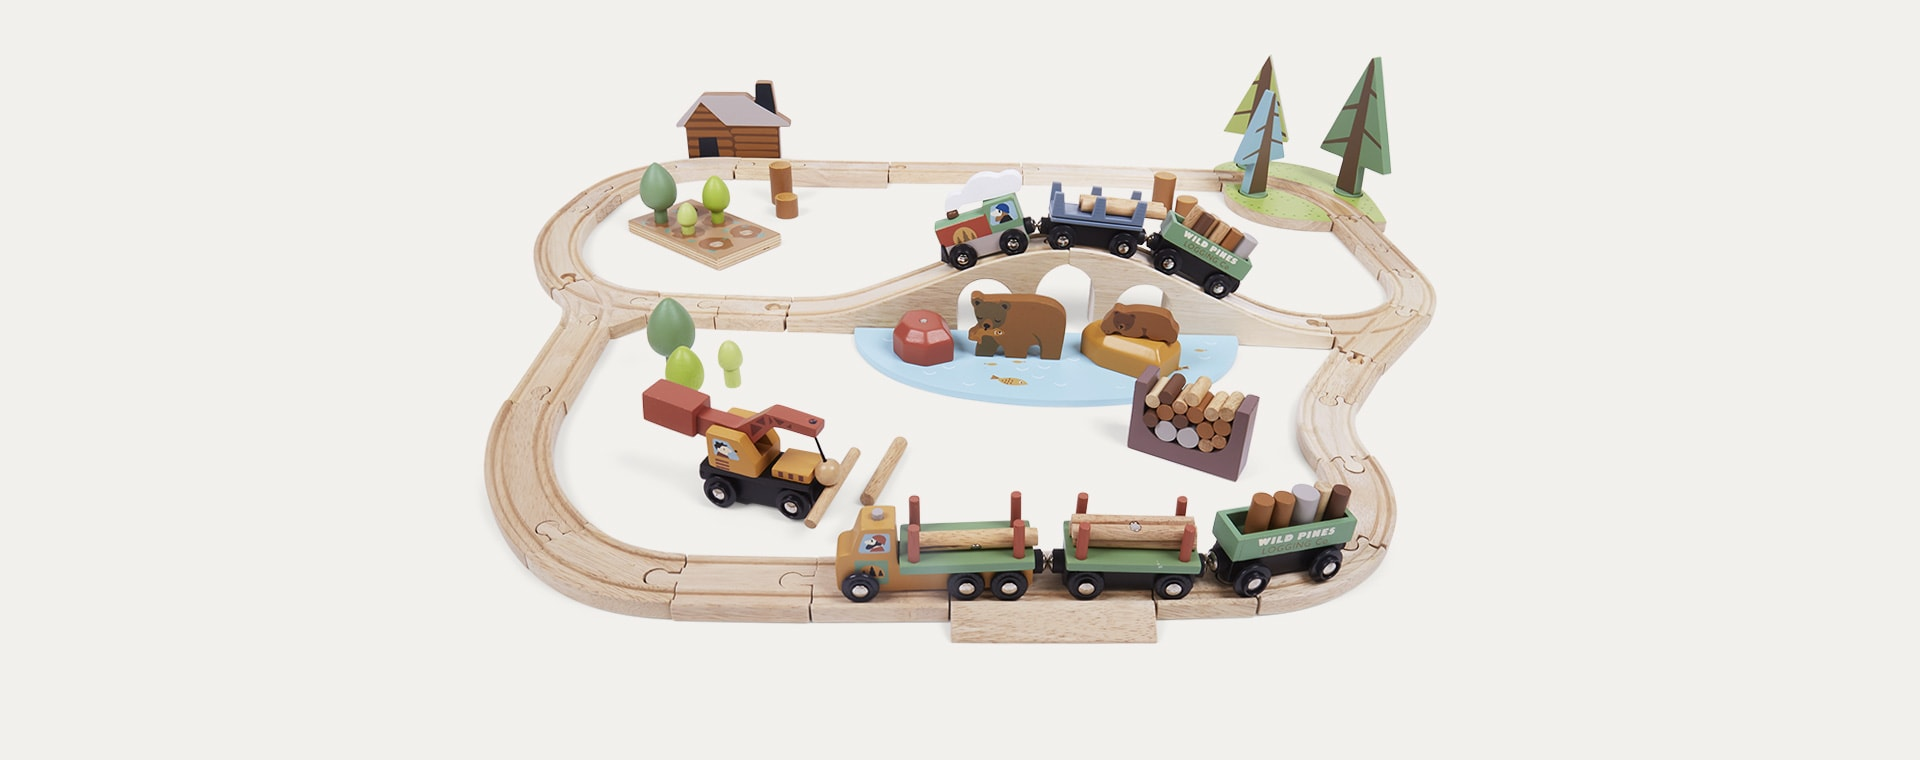 Multi Tender Leaf Toys Wild Pines Train Set